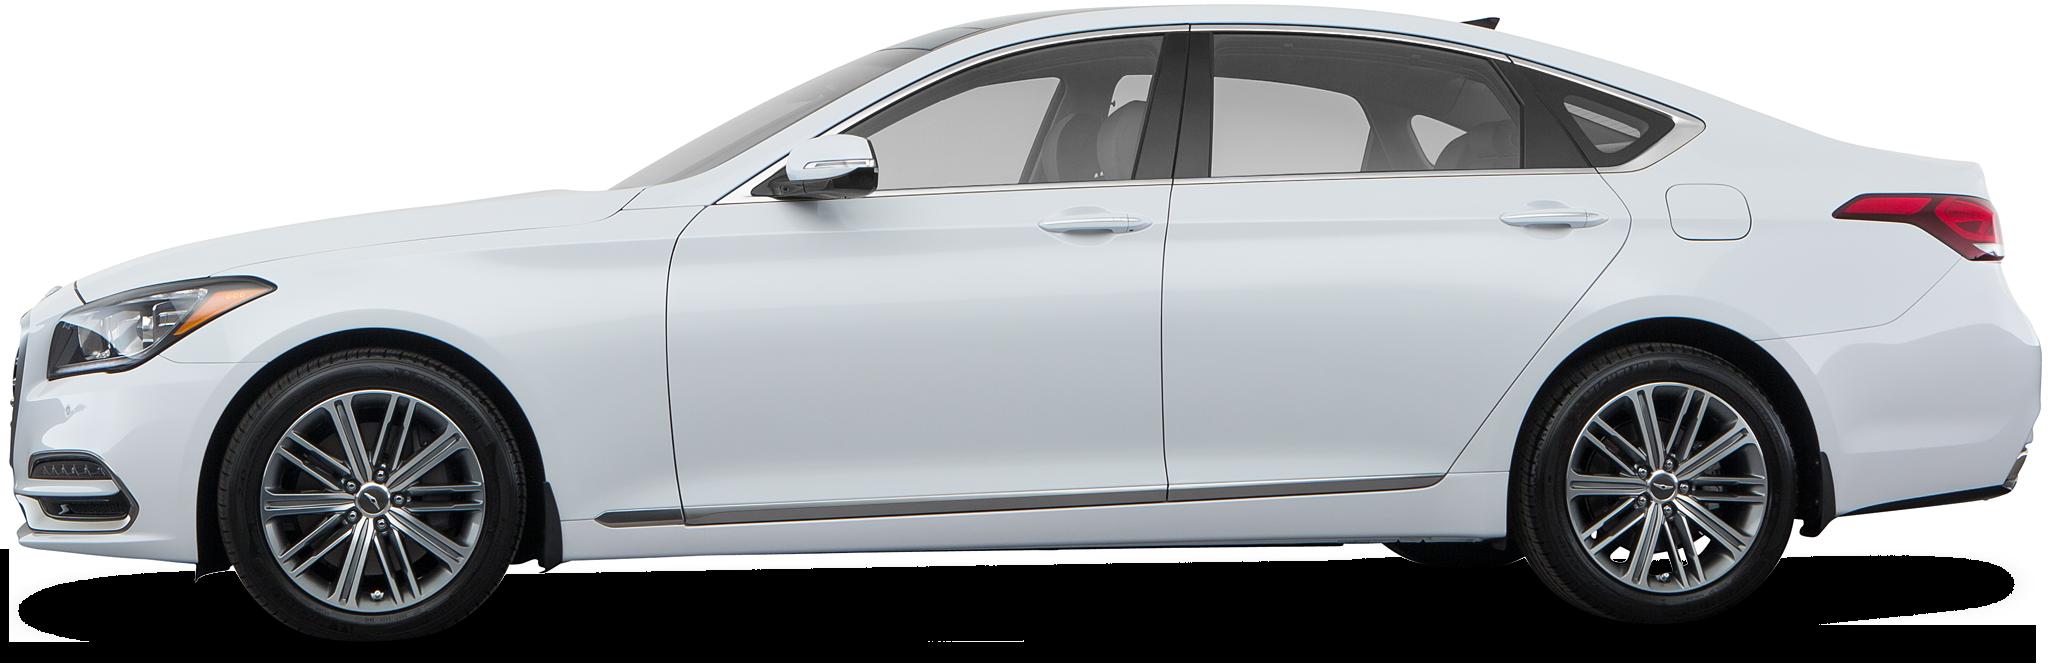 2020 Genesis G80 Sedan 3.8L RWD